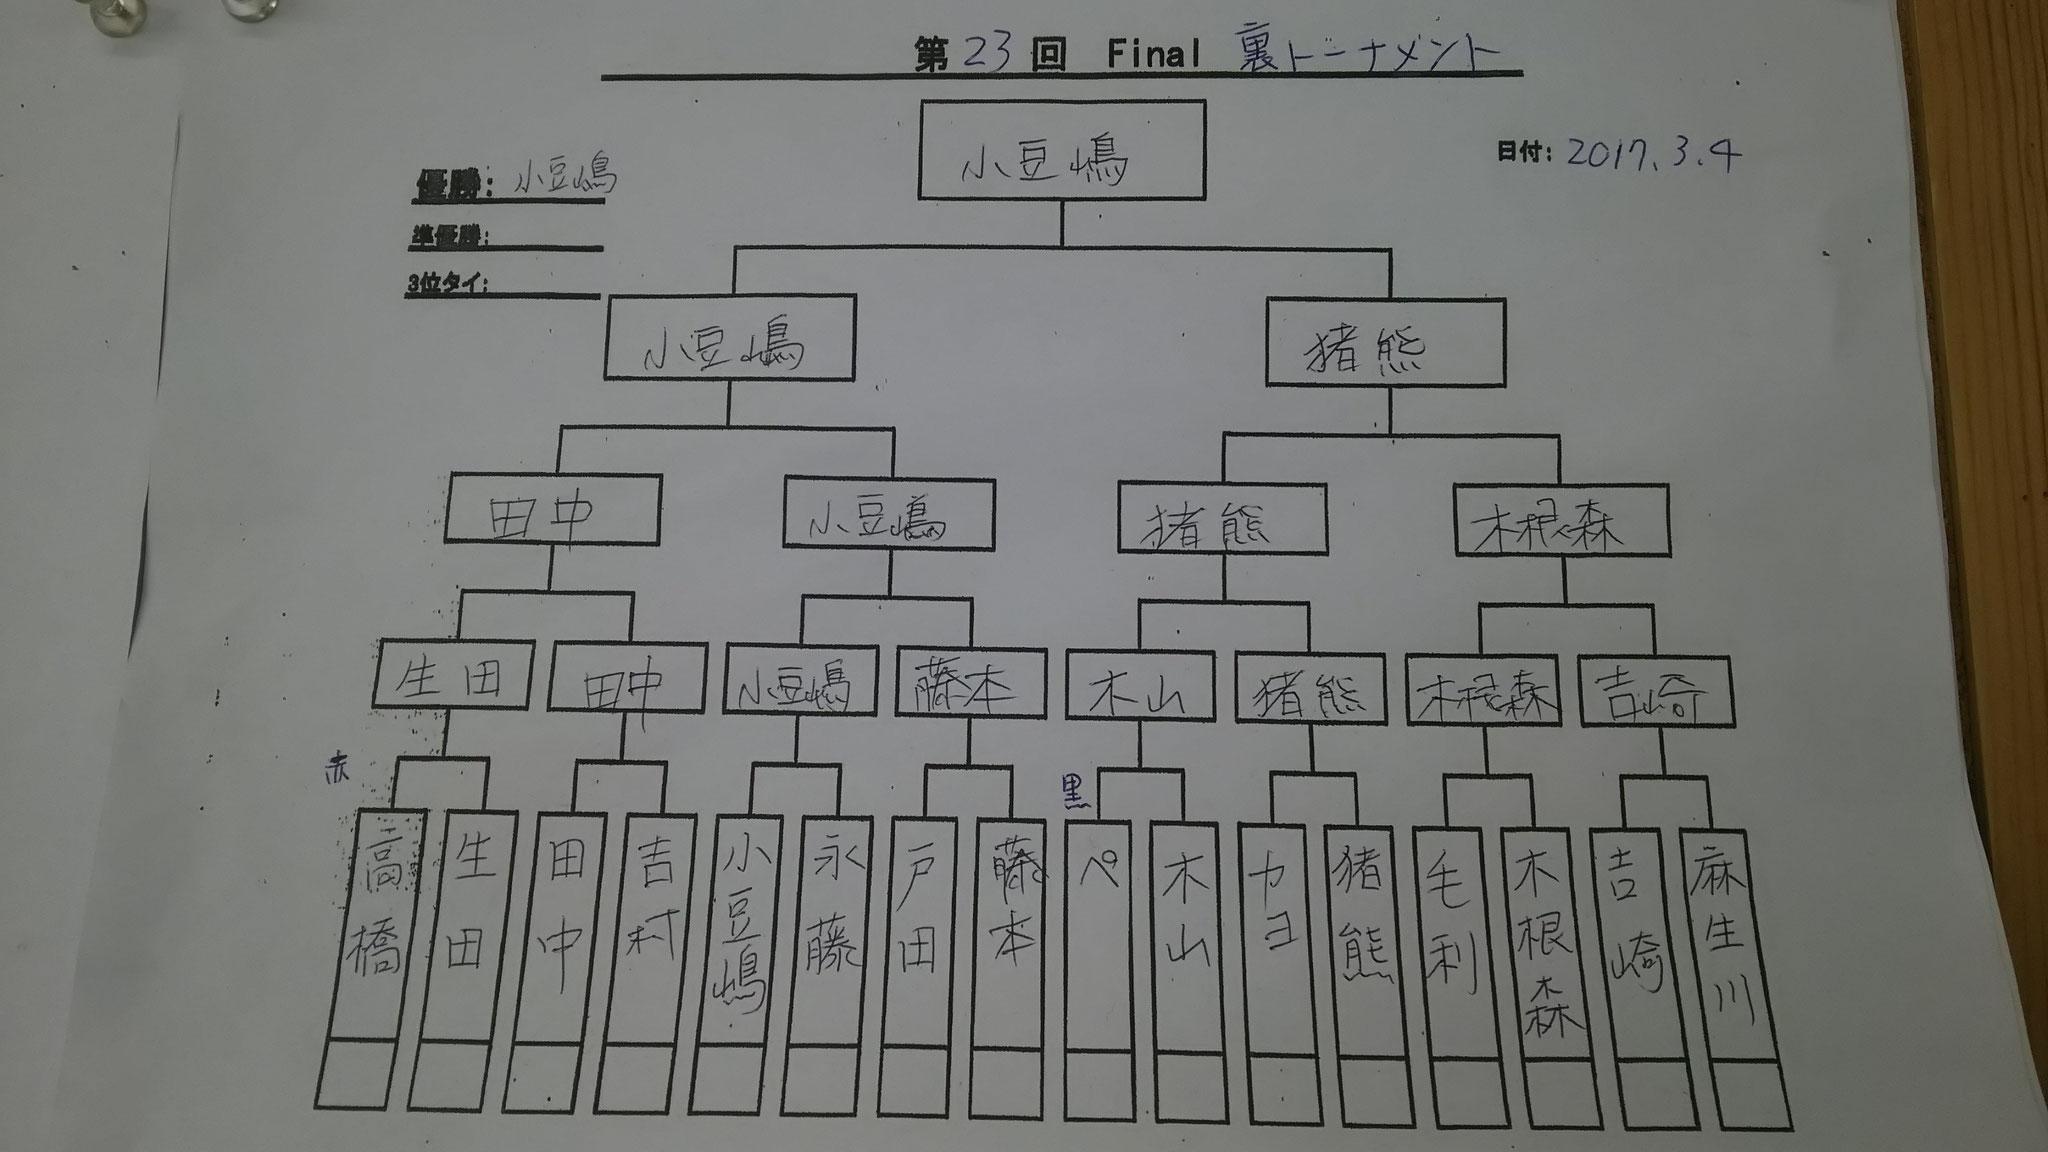 裏の優勝は小豆嶋さん!やったねー。